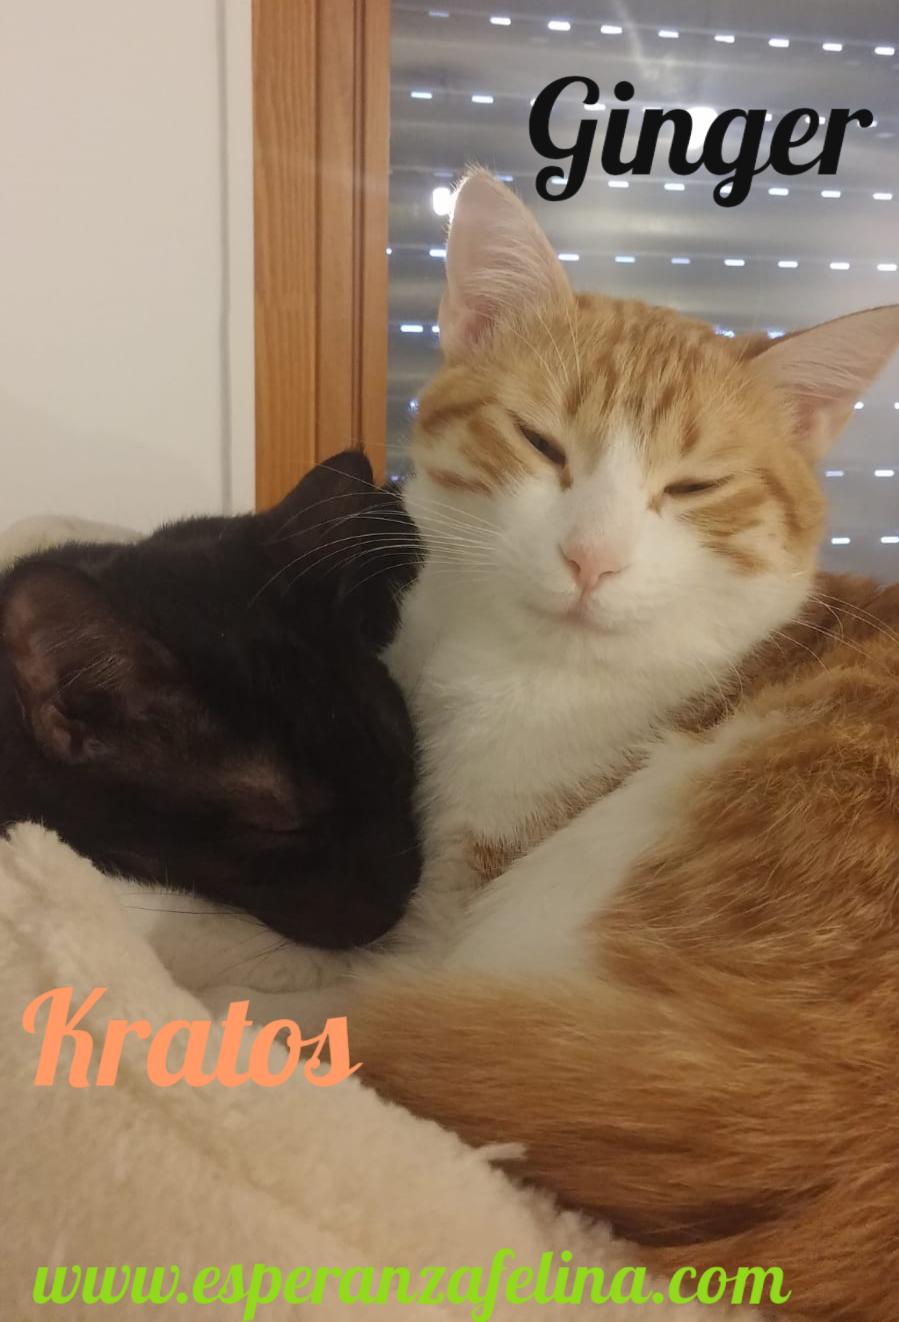 Kratos, tierna panterita en adopción  (f.n.aprox 01/05/18) Pictur27